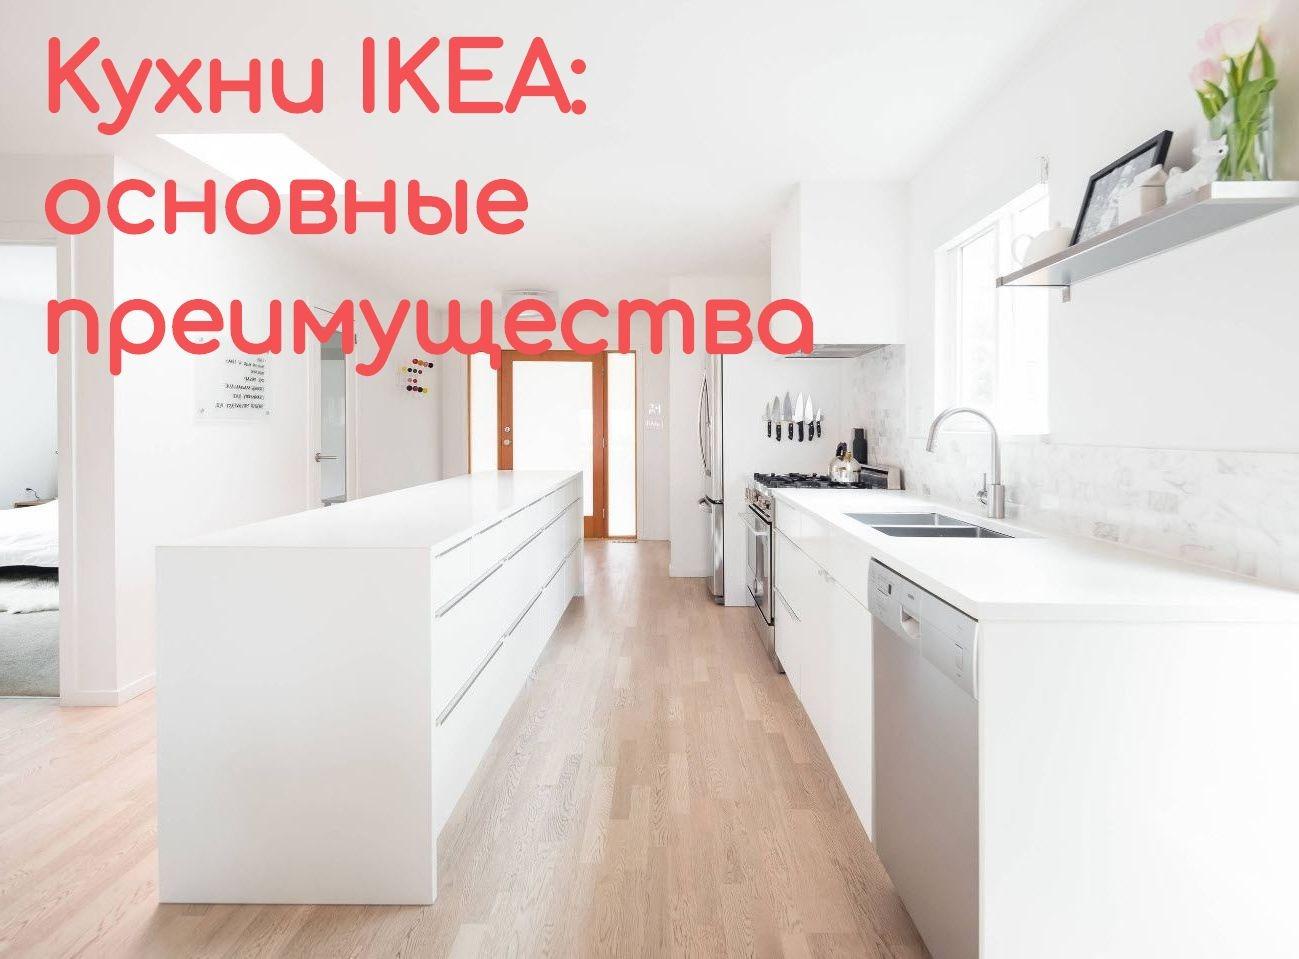 Белый кухонный гарнитур. Kухни IKEA. На полу паркет из натурального дерева